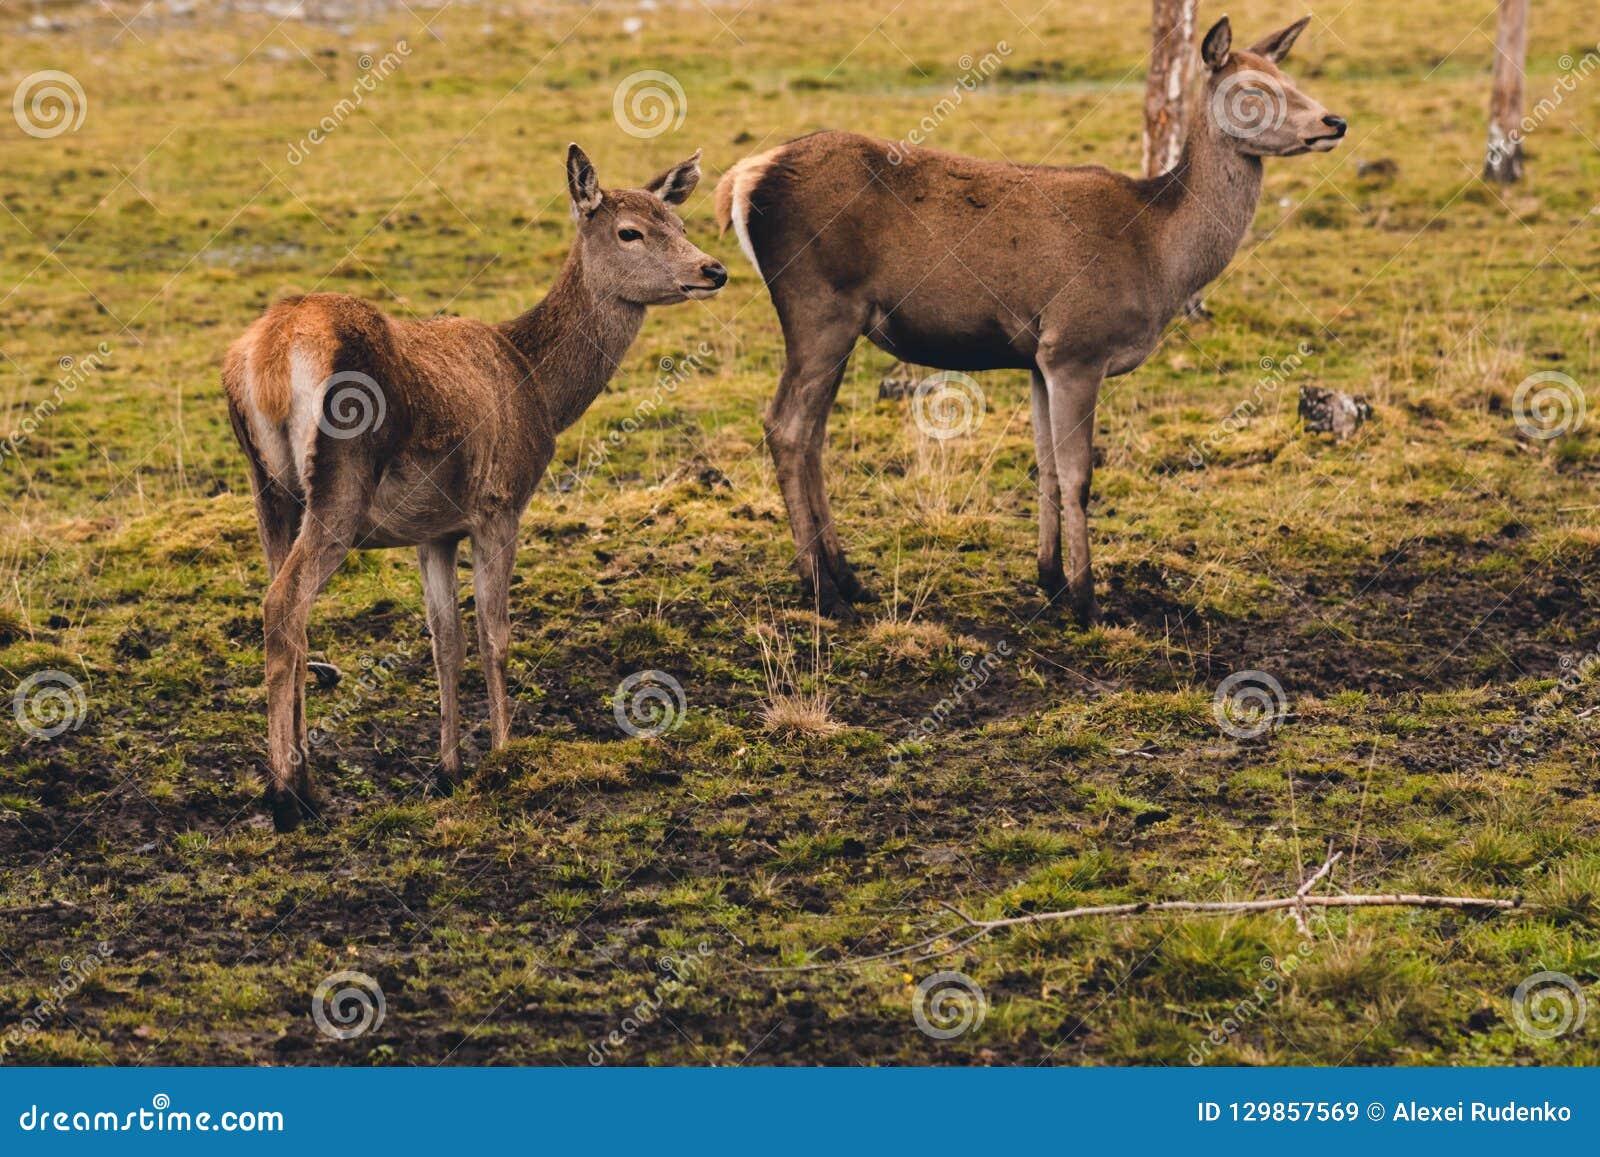 Een paar jonge herten die nog niet hoornen hebben gekweekt loopt door een weiland en opgehouden bij een berk voelend het gevaar